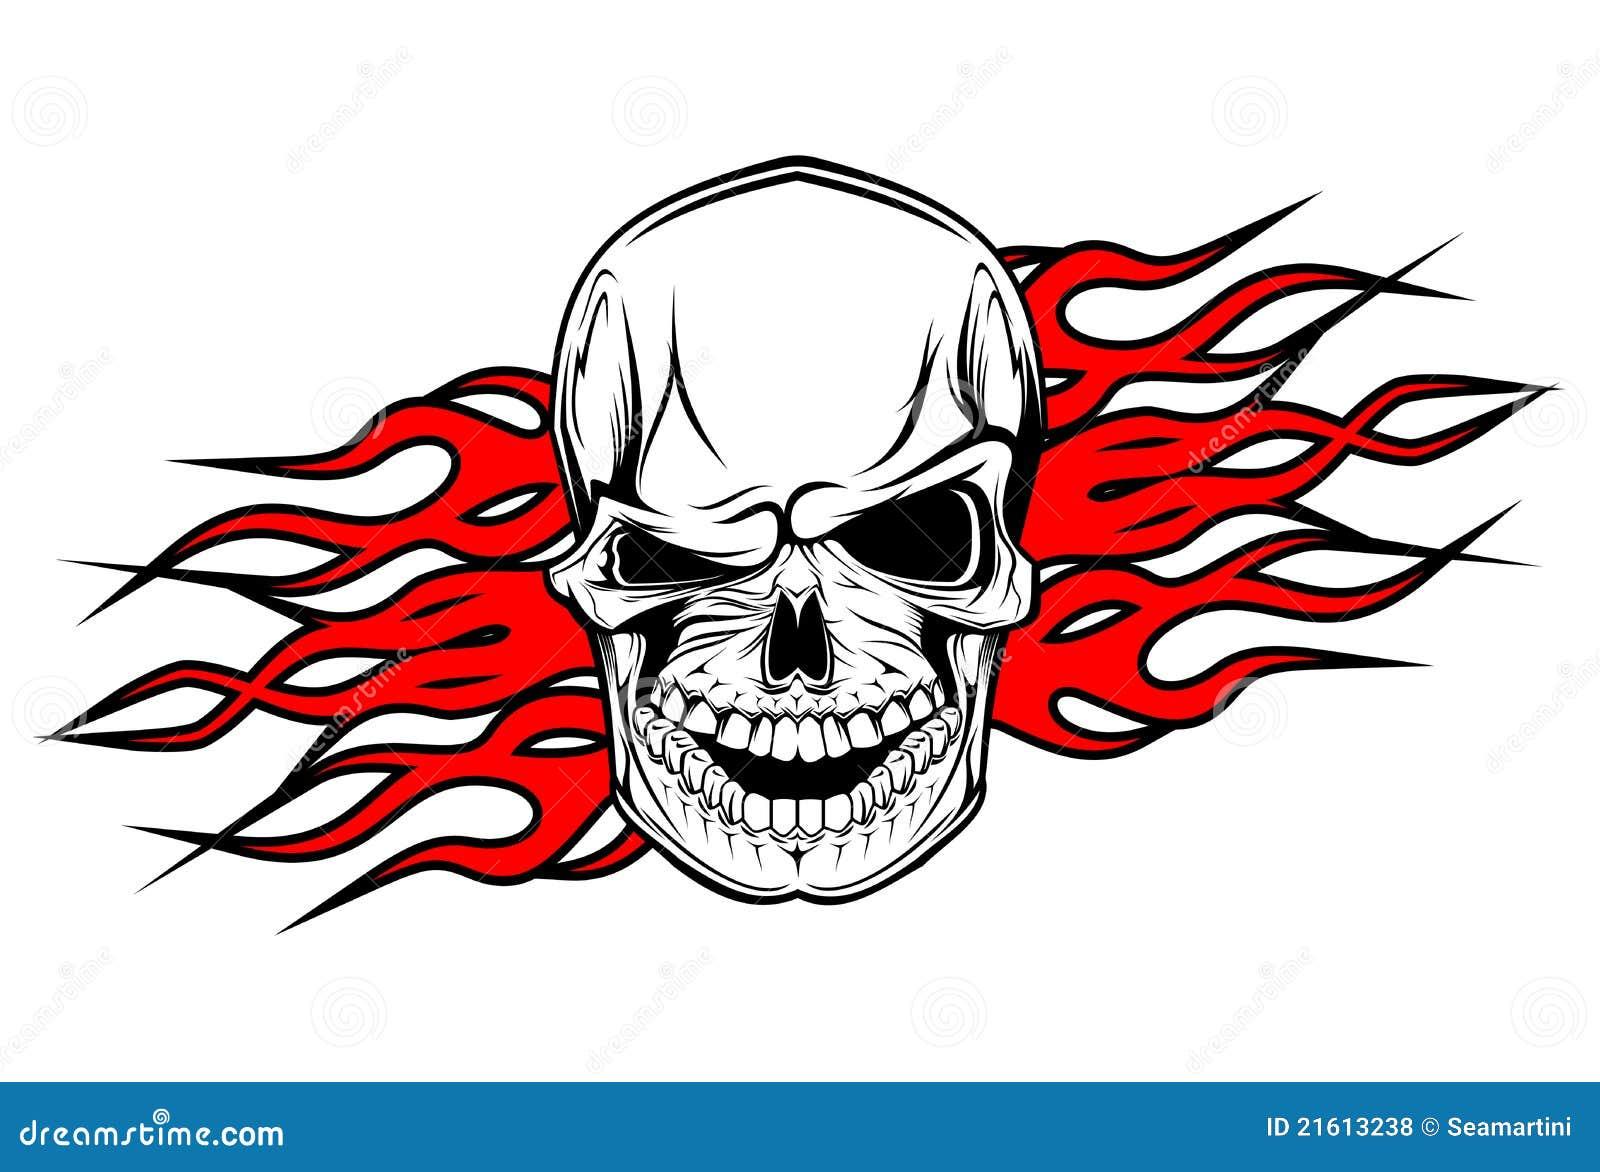 Danger skull tattoo stock vector illustration of evil 21613238 danger skull tattoo voltagebd Gallery